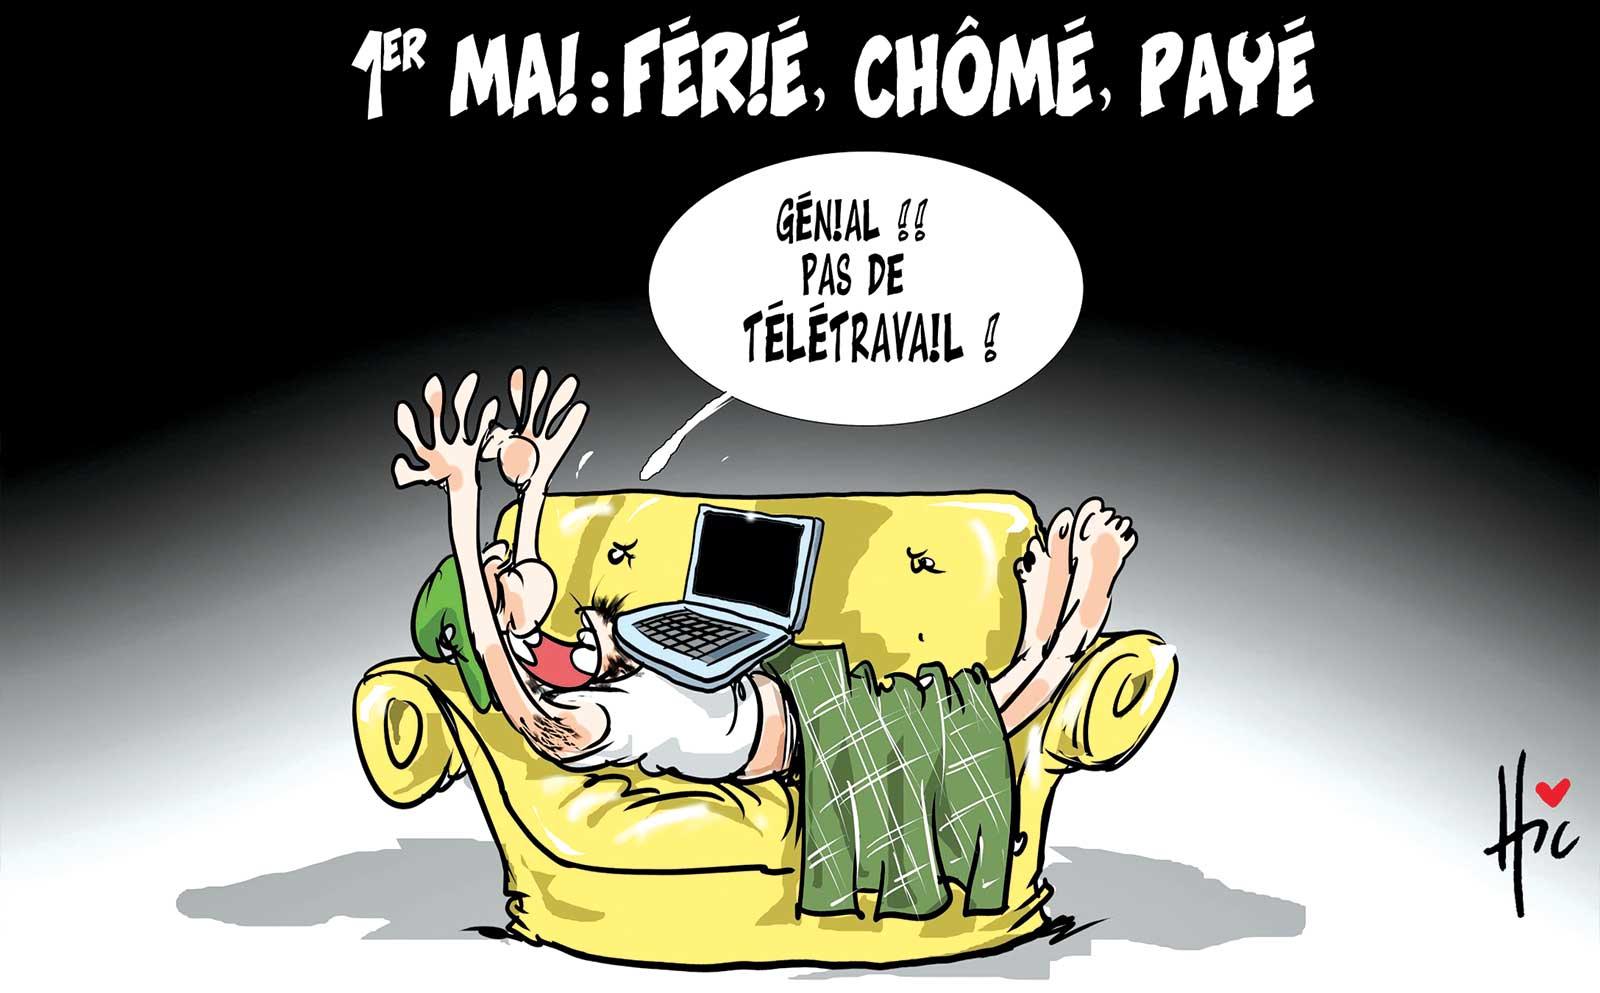 1er Mai férié chômé payé : Pas de télétravail - Chômage - Gagdz.com